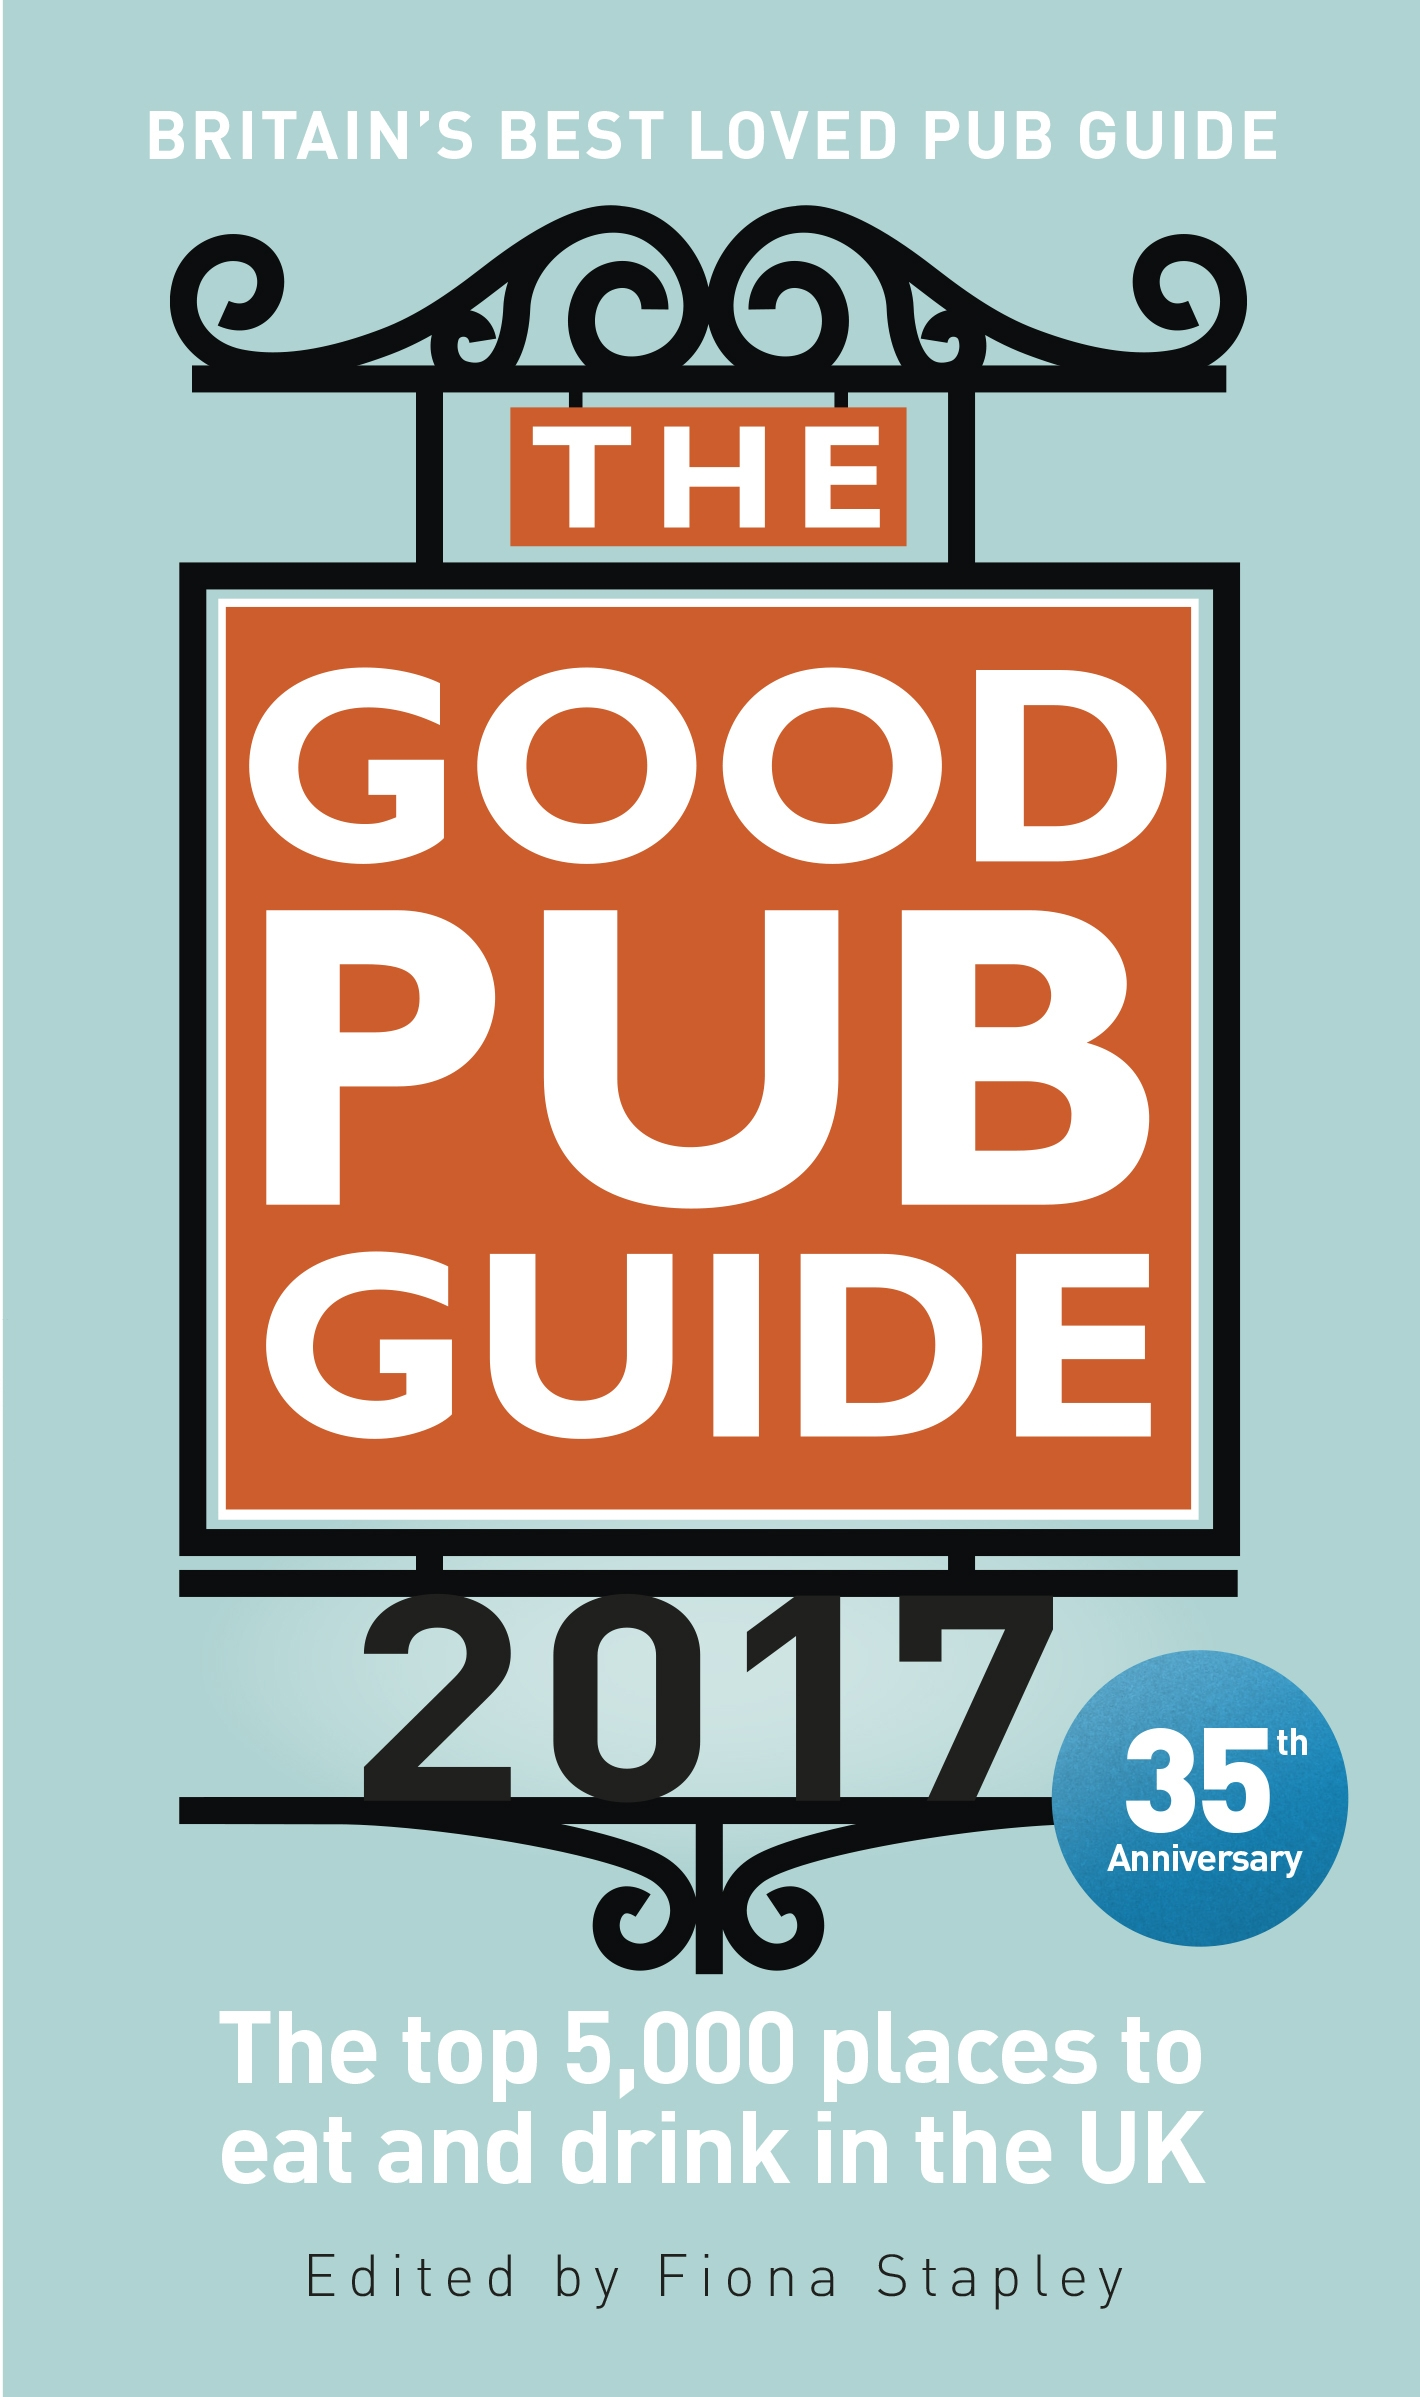 good food guide 2017 uk